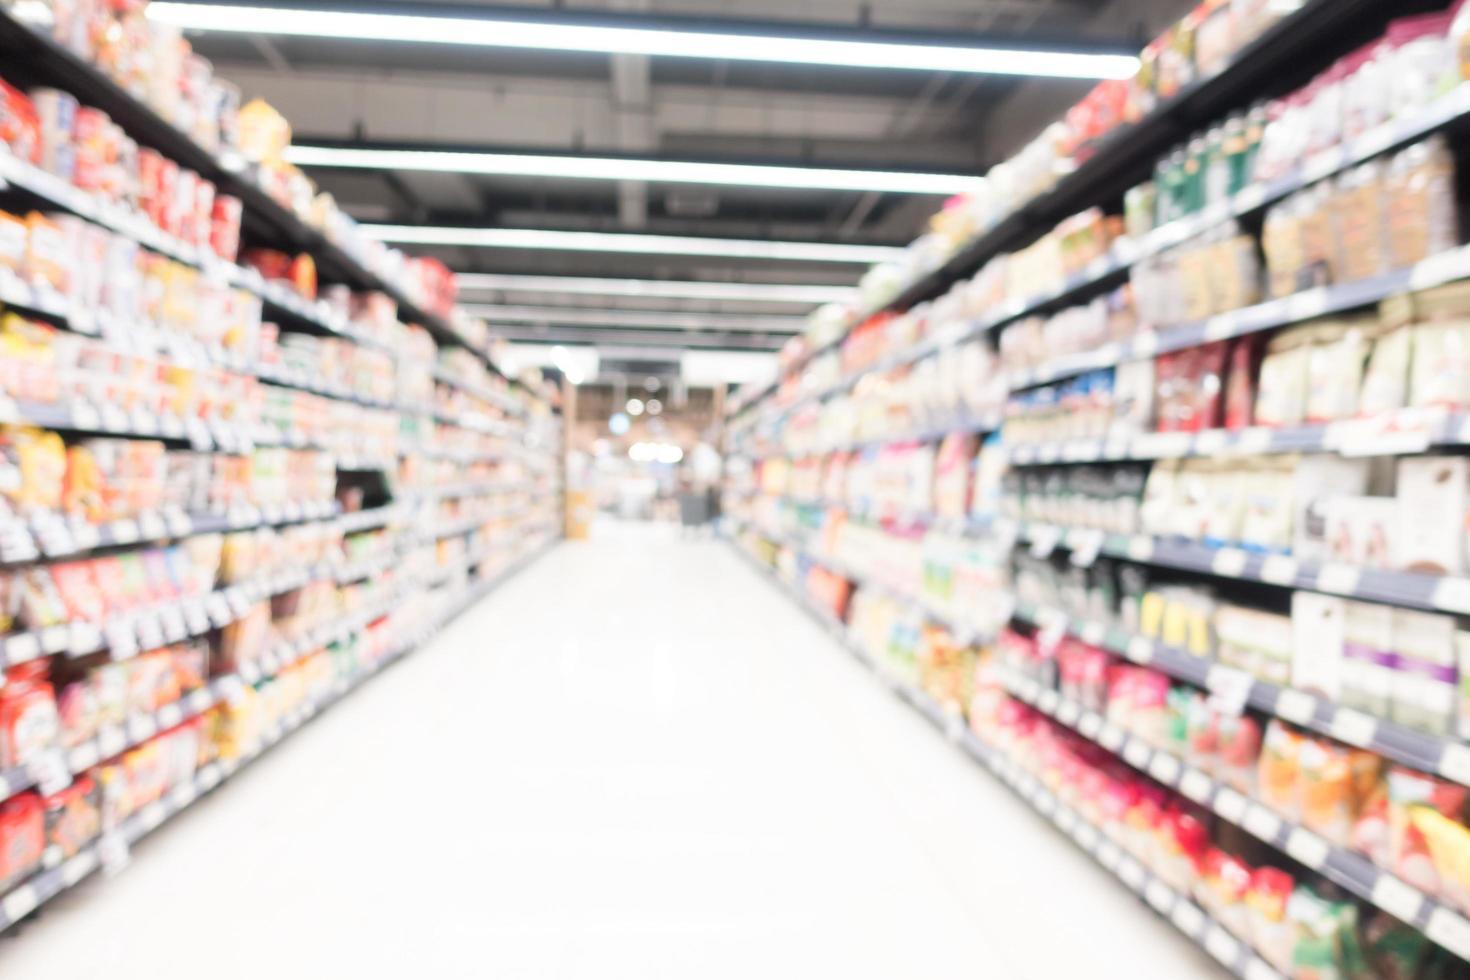 abstrakte Unschärfe Supermarkt foto